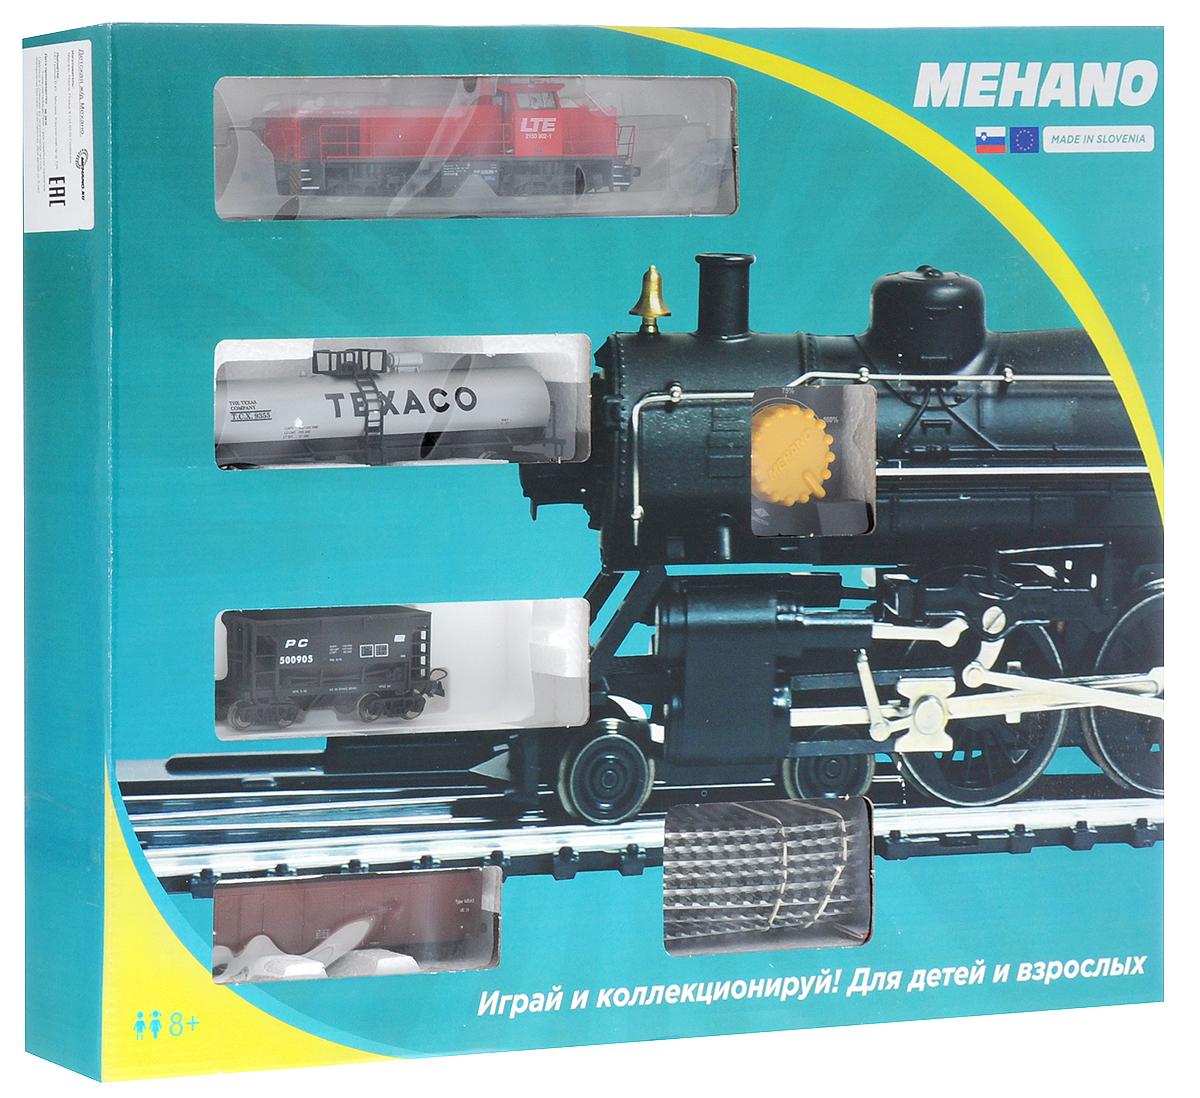 Mehano Железная дорога Prestige с тепловозом LTEPR02-273Железная дорога Mehano - миниатюрная копия грузового состава. Мельчайшие детали паровозов, тепловозов и грузовых вагонов, каждая рельефная линия экстерьера тщательно проработаны, благодаря чему состав выглядит более чем реально. Можно вообразить, как этот состав загрузили где-то на миниатюрном перевалочном пункте, а затем он аккуратно вез свой груз по длинным разветвленным путям... Воплотить воображаемое в действительность очень легко: при желании железнодорожное полотно можно увеличить и добавить элементы ландшафта, ведь все элементы железных дорог Mehano совместимы друг с другом. При желании, можно докупить стрелку, перекресток и состав может двигаться на другие участки железной дороги. Рельсы металлические, колеса паровозов и вагонов выполнены из металла. Все элементы комплекта совместимы с другими сборными моделями железной дороги Mehano, так что юный машинист сможет прокладывать различные маршруты, строить новые станции и придумывать неповторимый, свой...